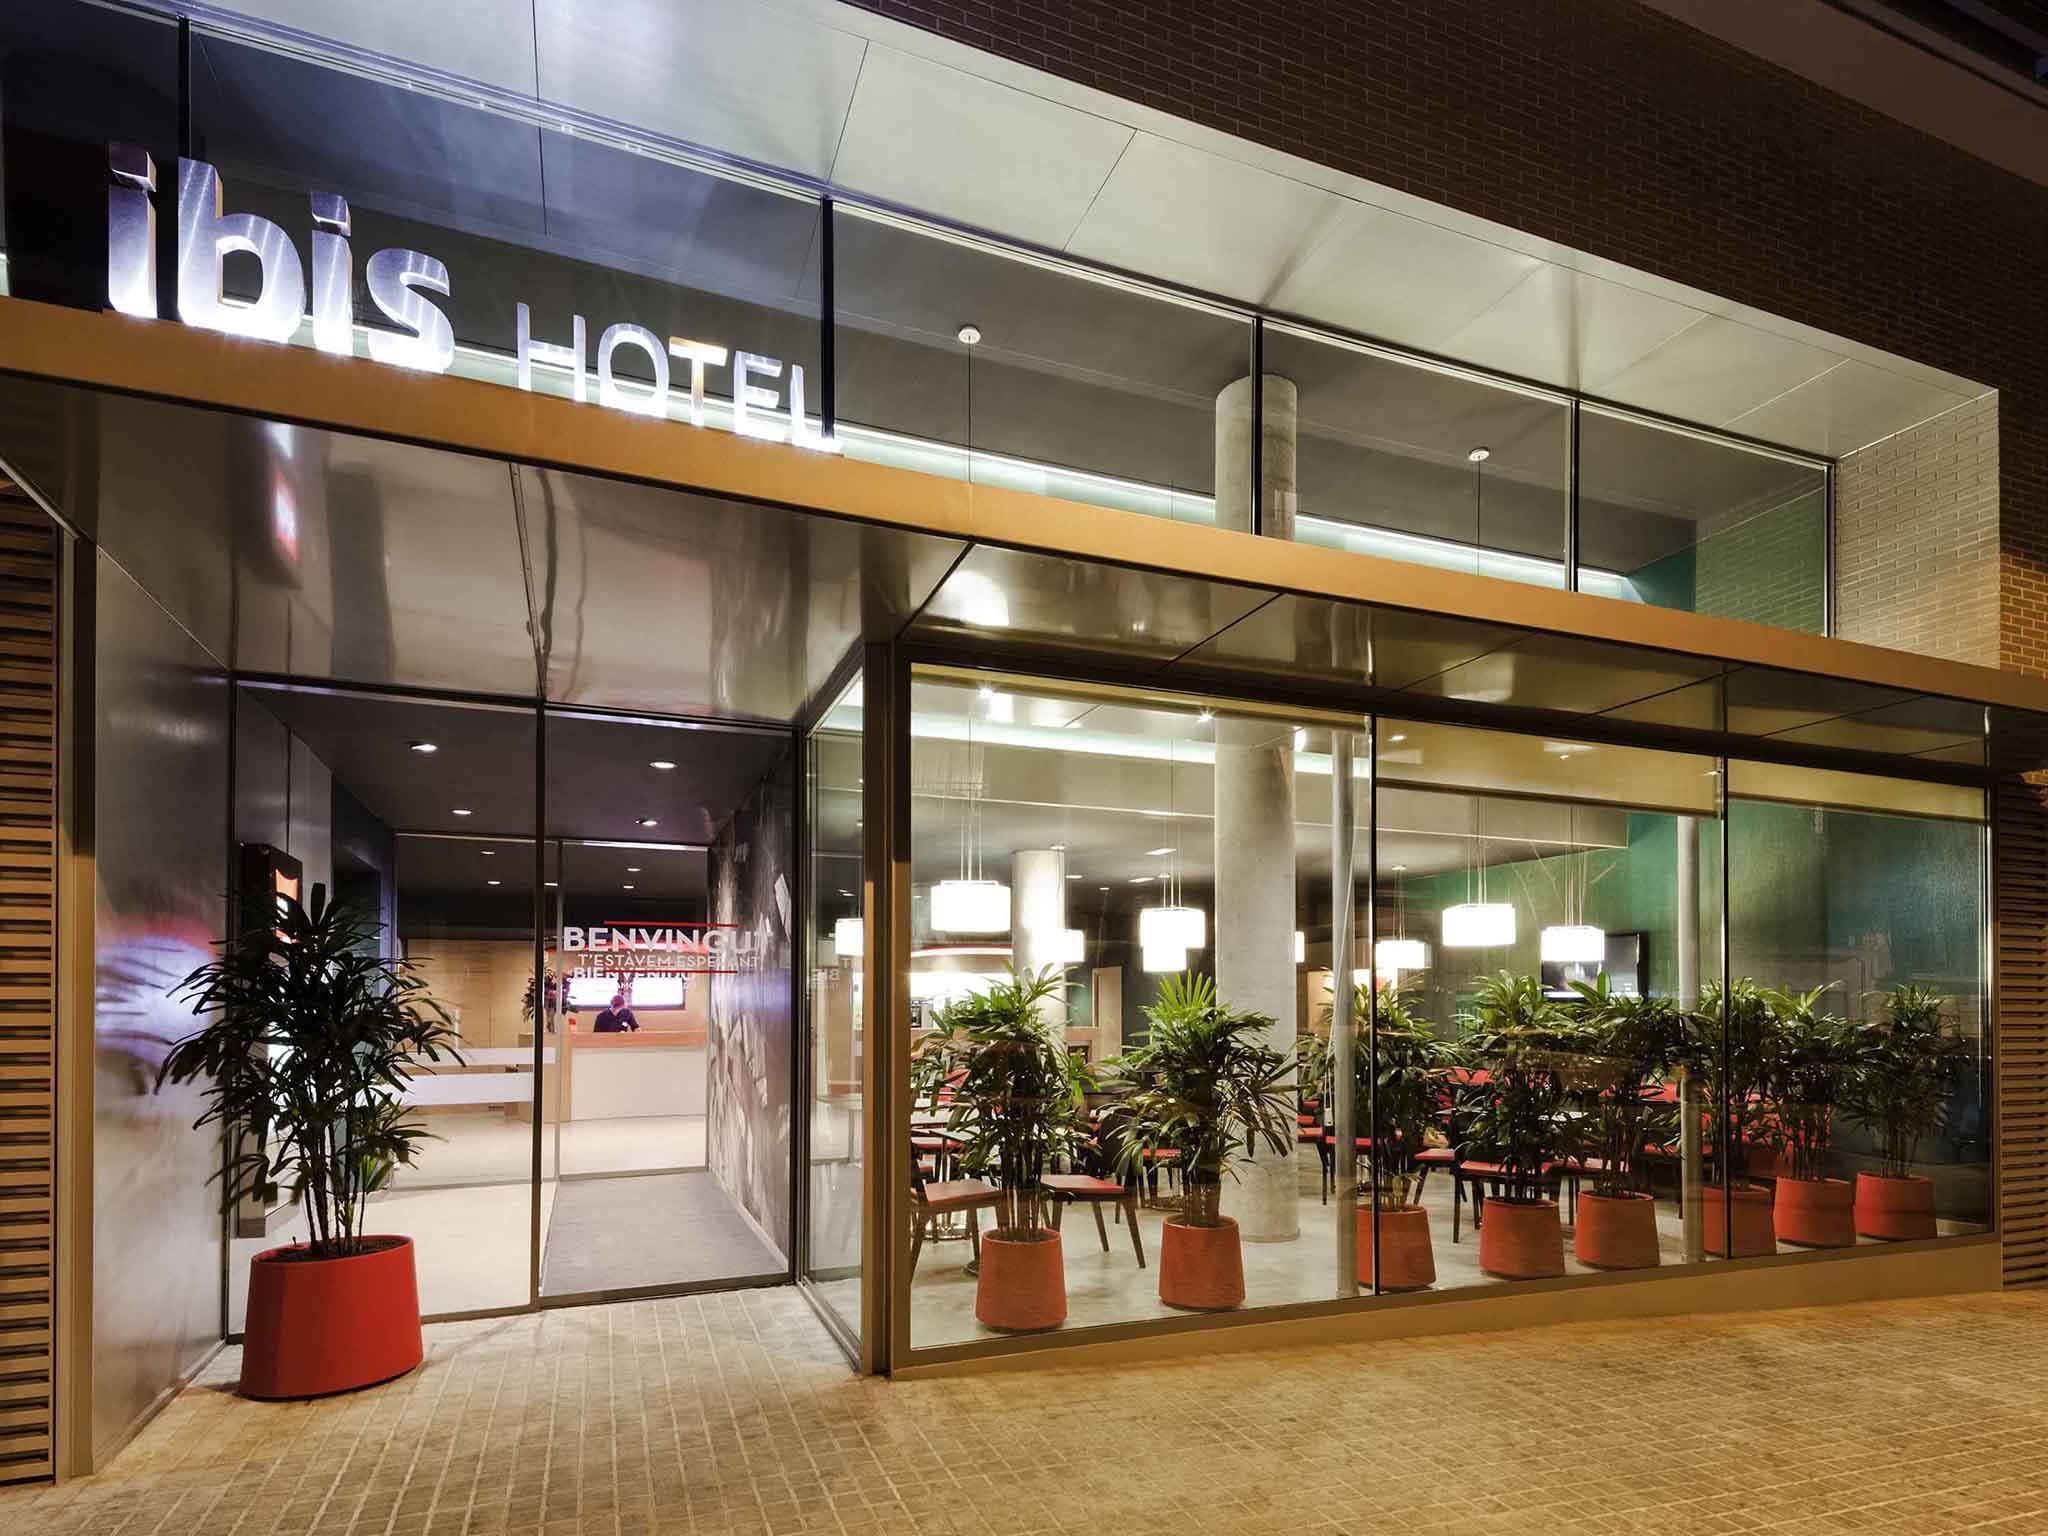 ホテル – イビスバルセロナセントロ (サグラダファミリア)